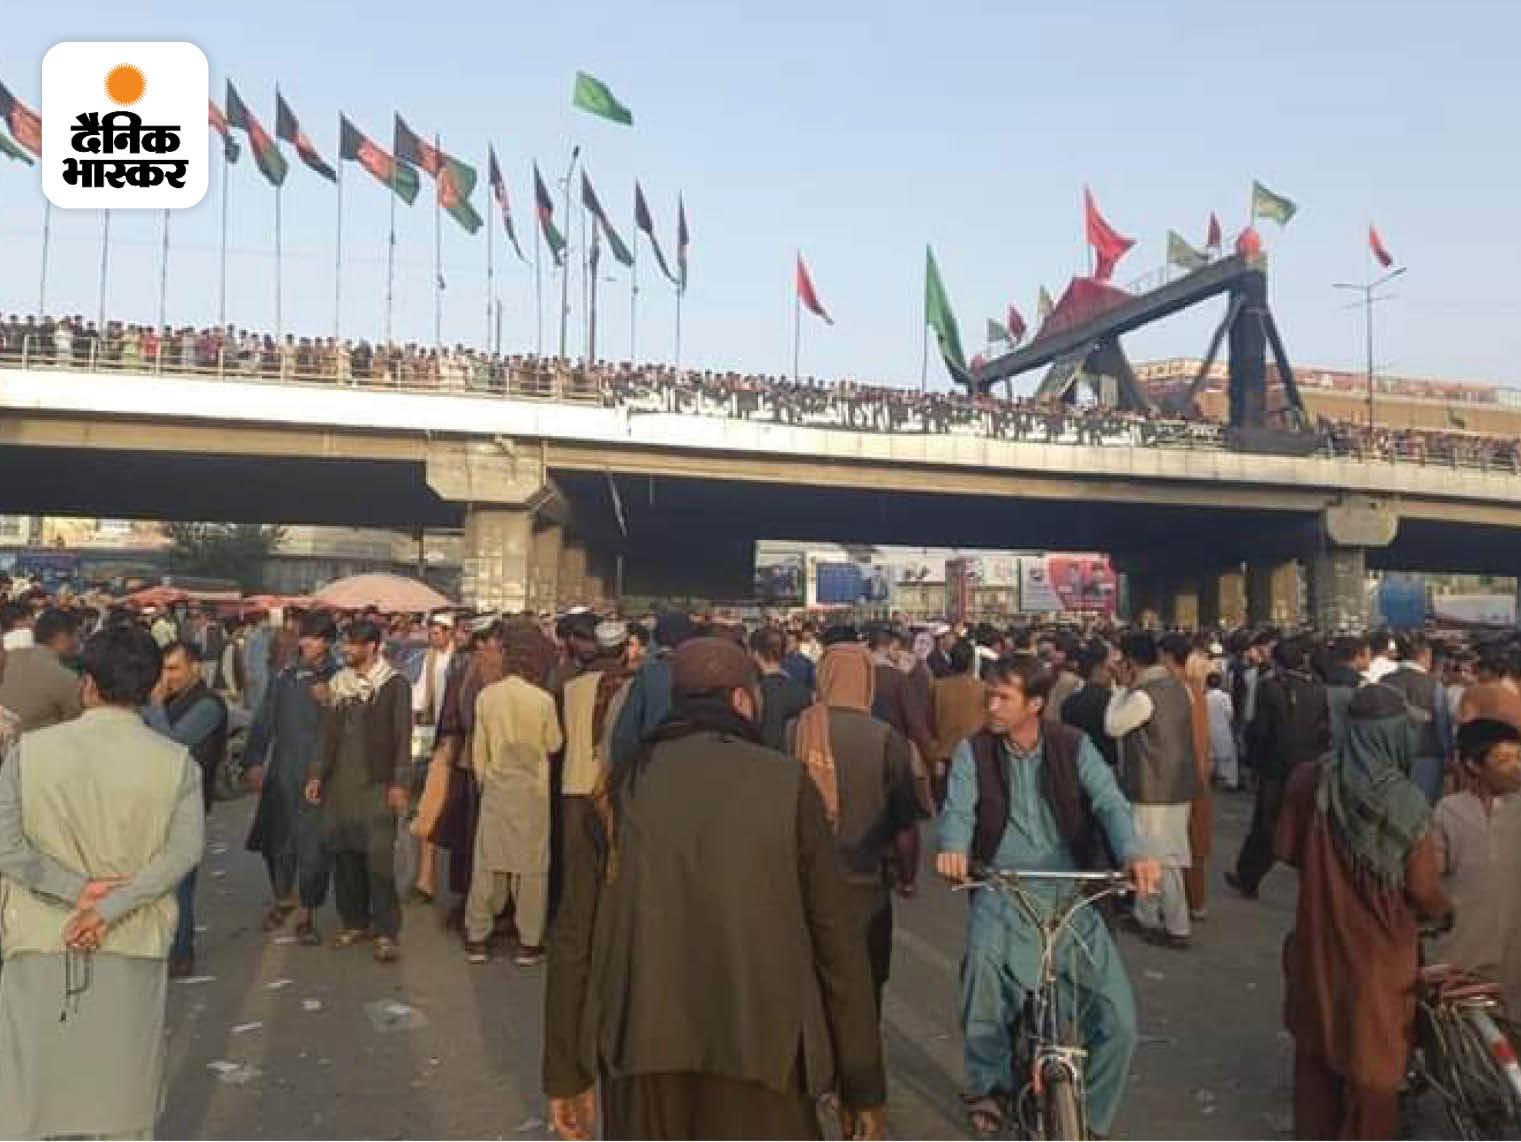 अफगानिस्तान के लोगों को जैसे ही राष्ट्रपति के देश छोड़कर जाने की जानकीर मिली, हजारों लोग सड़कों पर निकल आए। यह फोटो तालीबान के सोशल मीडिया अकाउंट से शेयर की गई है।